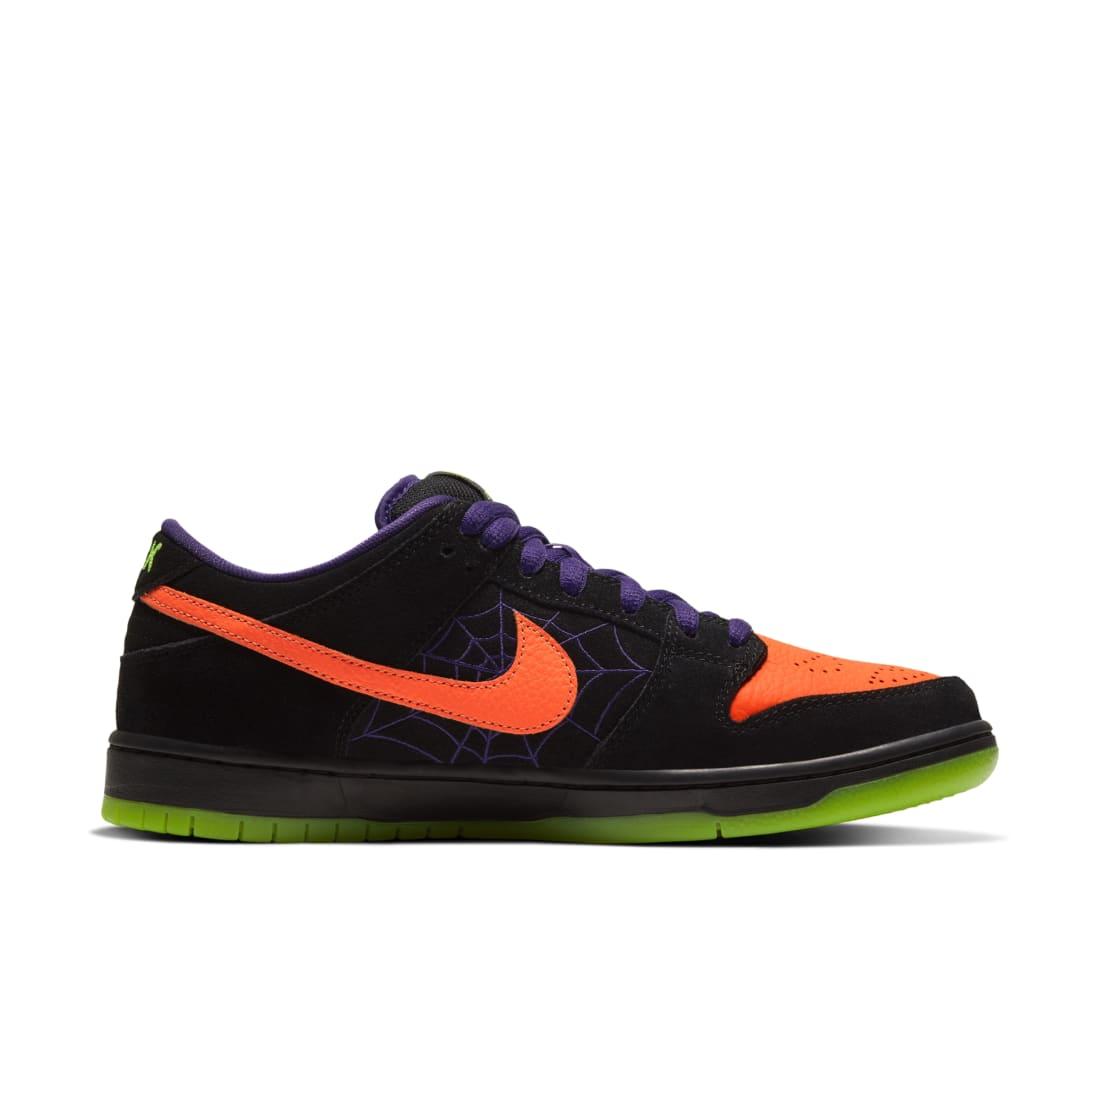 Nike Dunk Night of Mischief Halloween